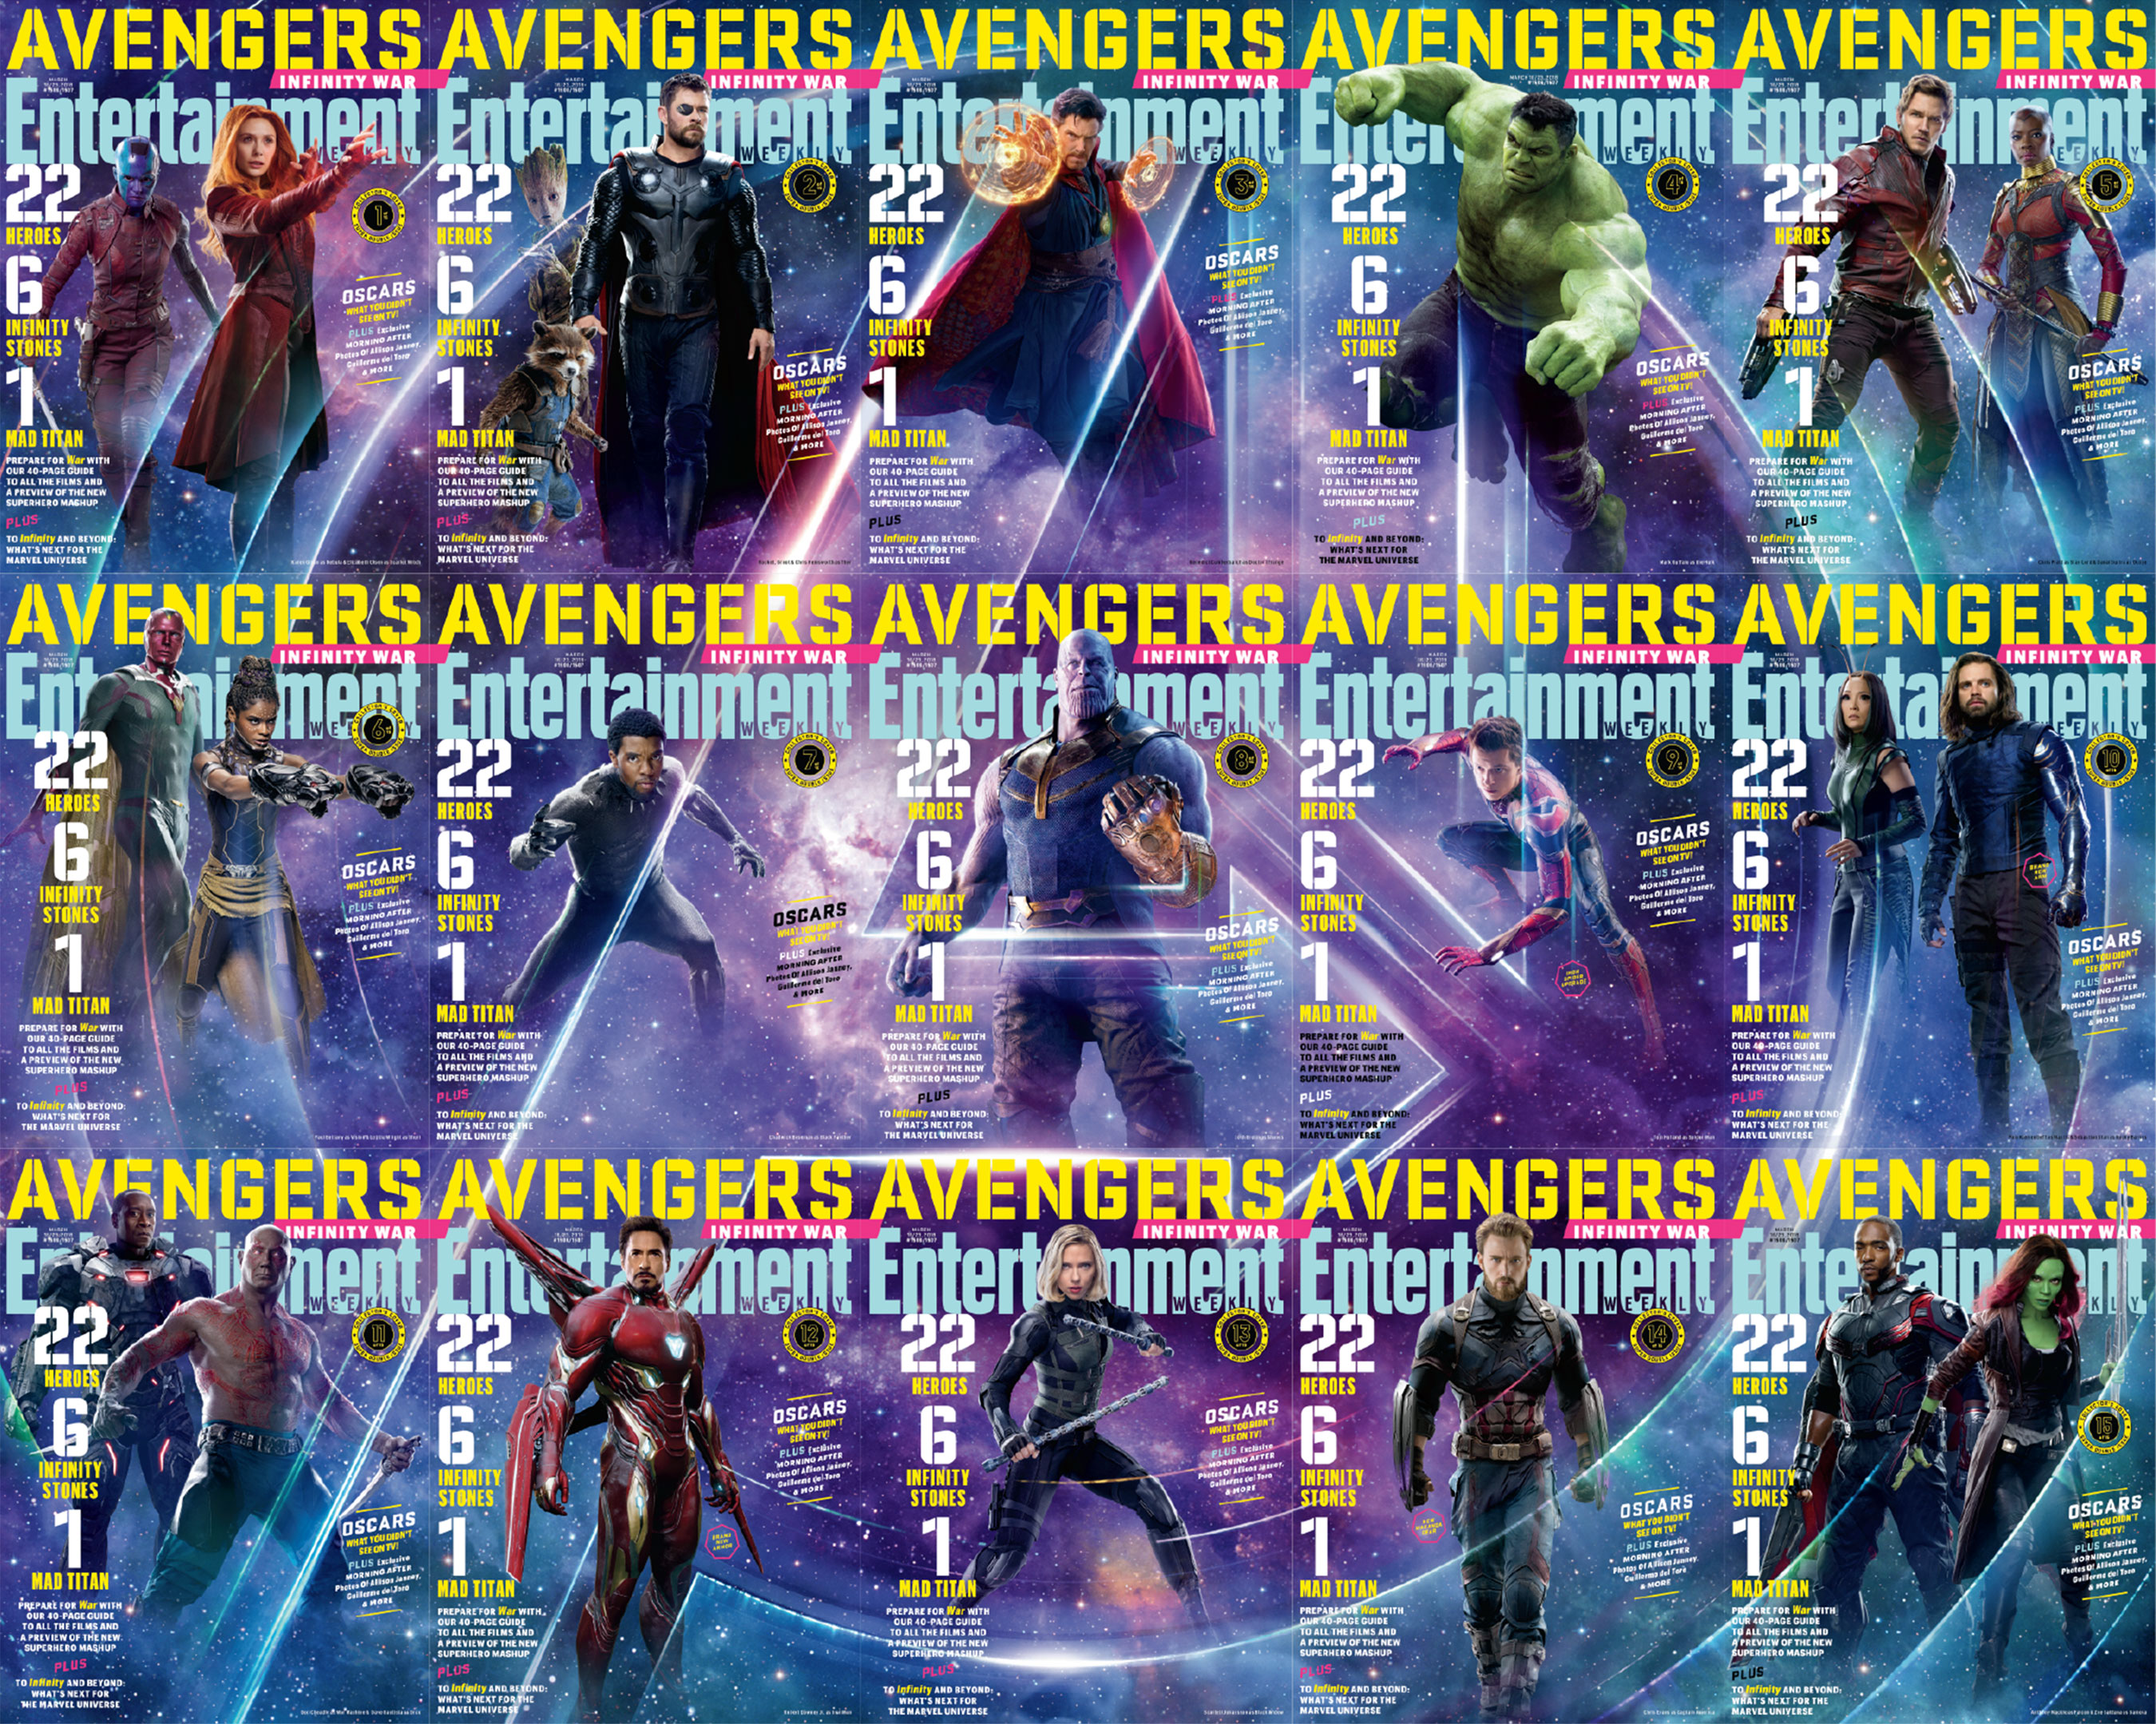 avengers infinity war entertainment weekly ile ilgili görsel sonucu